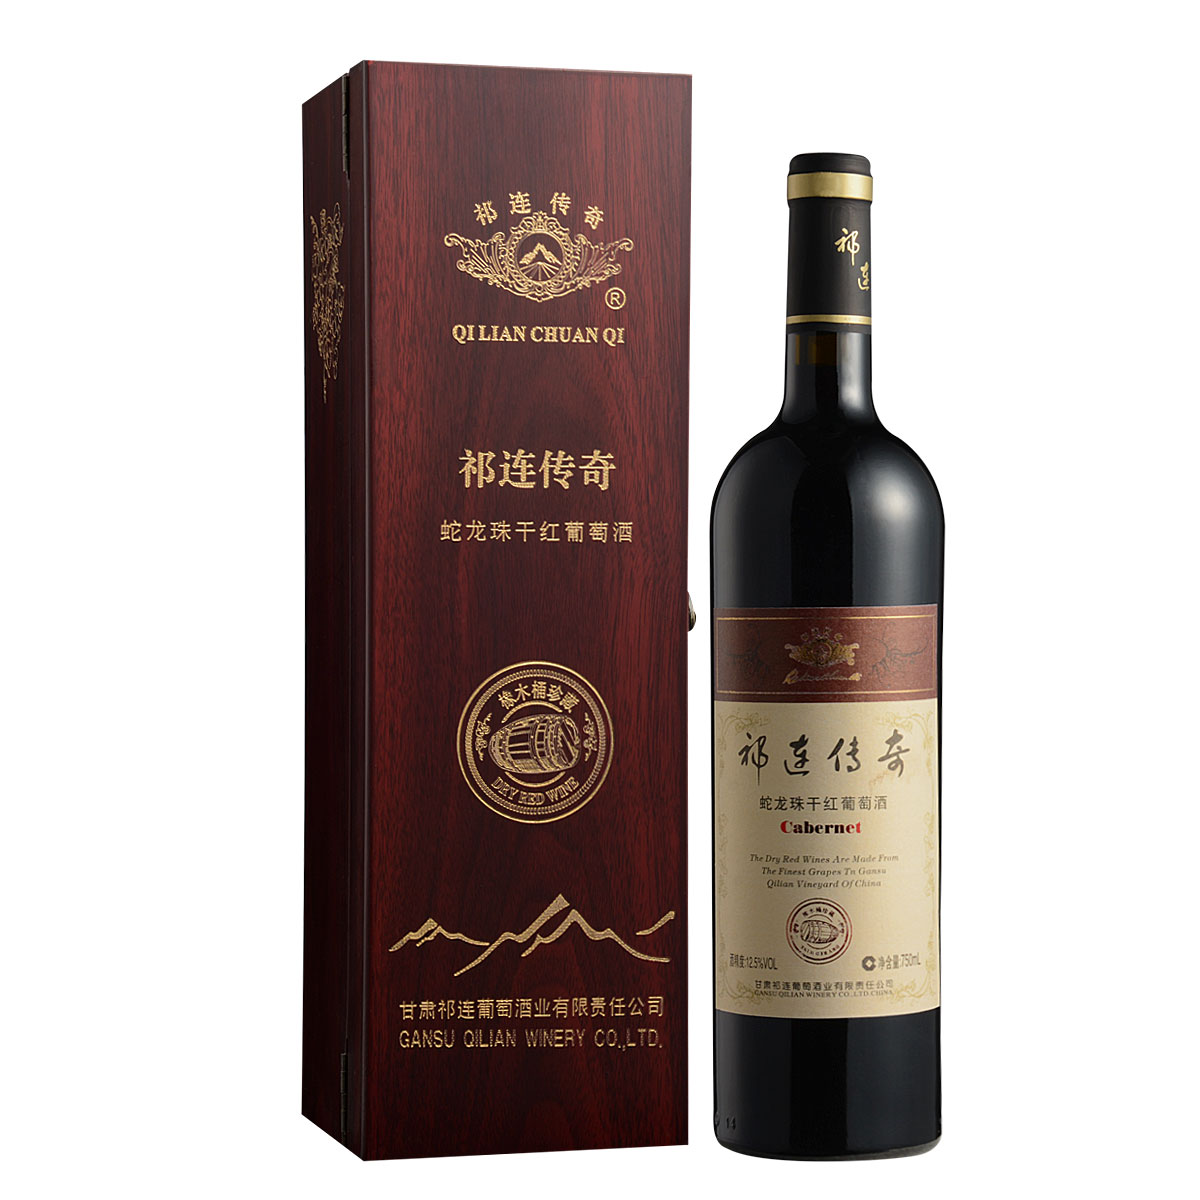 中国甘肃祁连传奇橡木桶珍藏蛇龙珠干红单支礼盒750